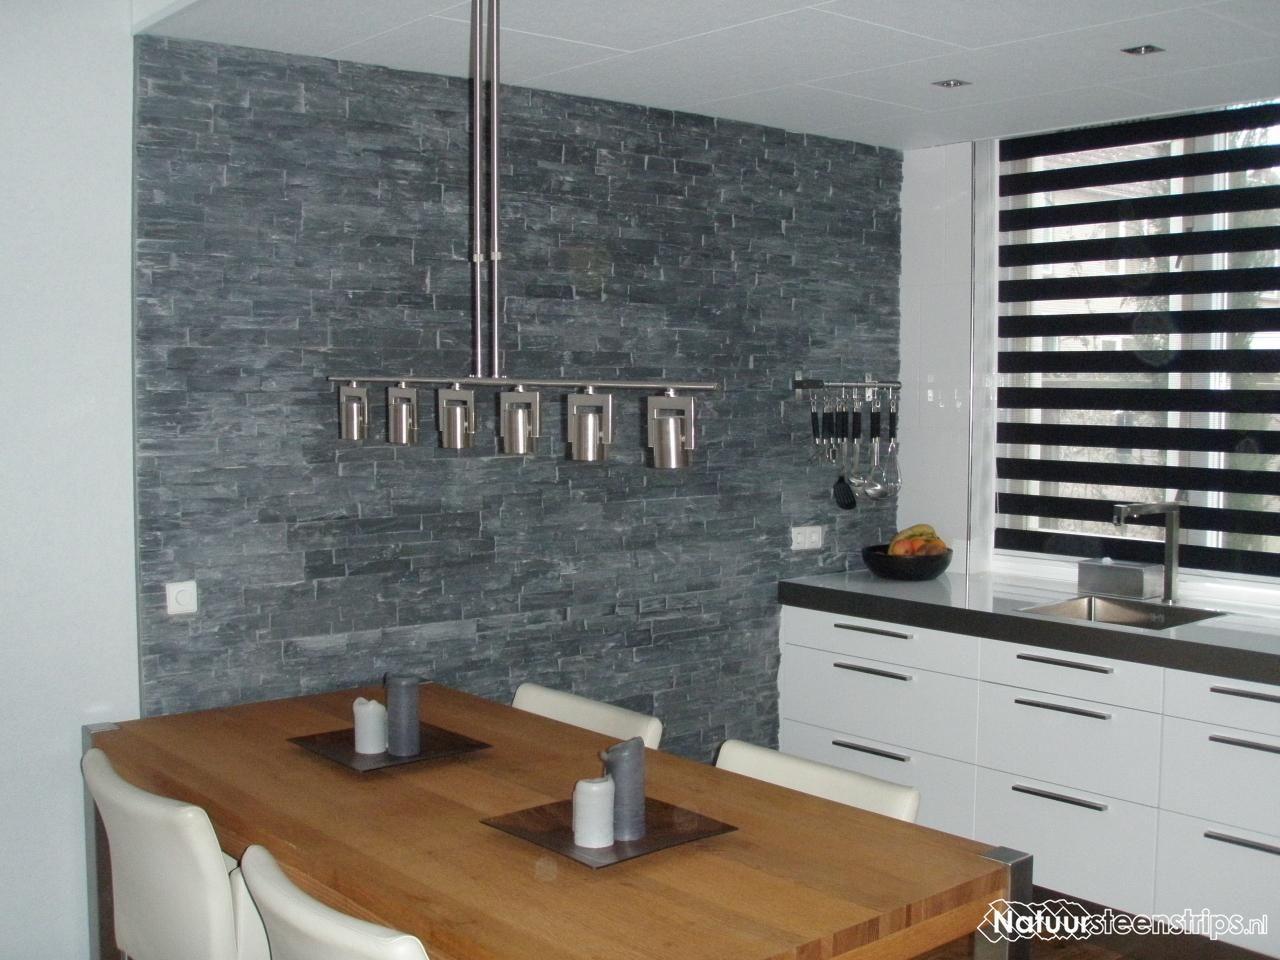 Zwarte lei natuursteenstrips verwerkt in de keuken decoratieve wandbekleding van natuursteen - Leisteen muur ...